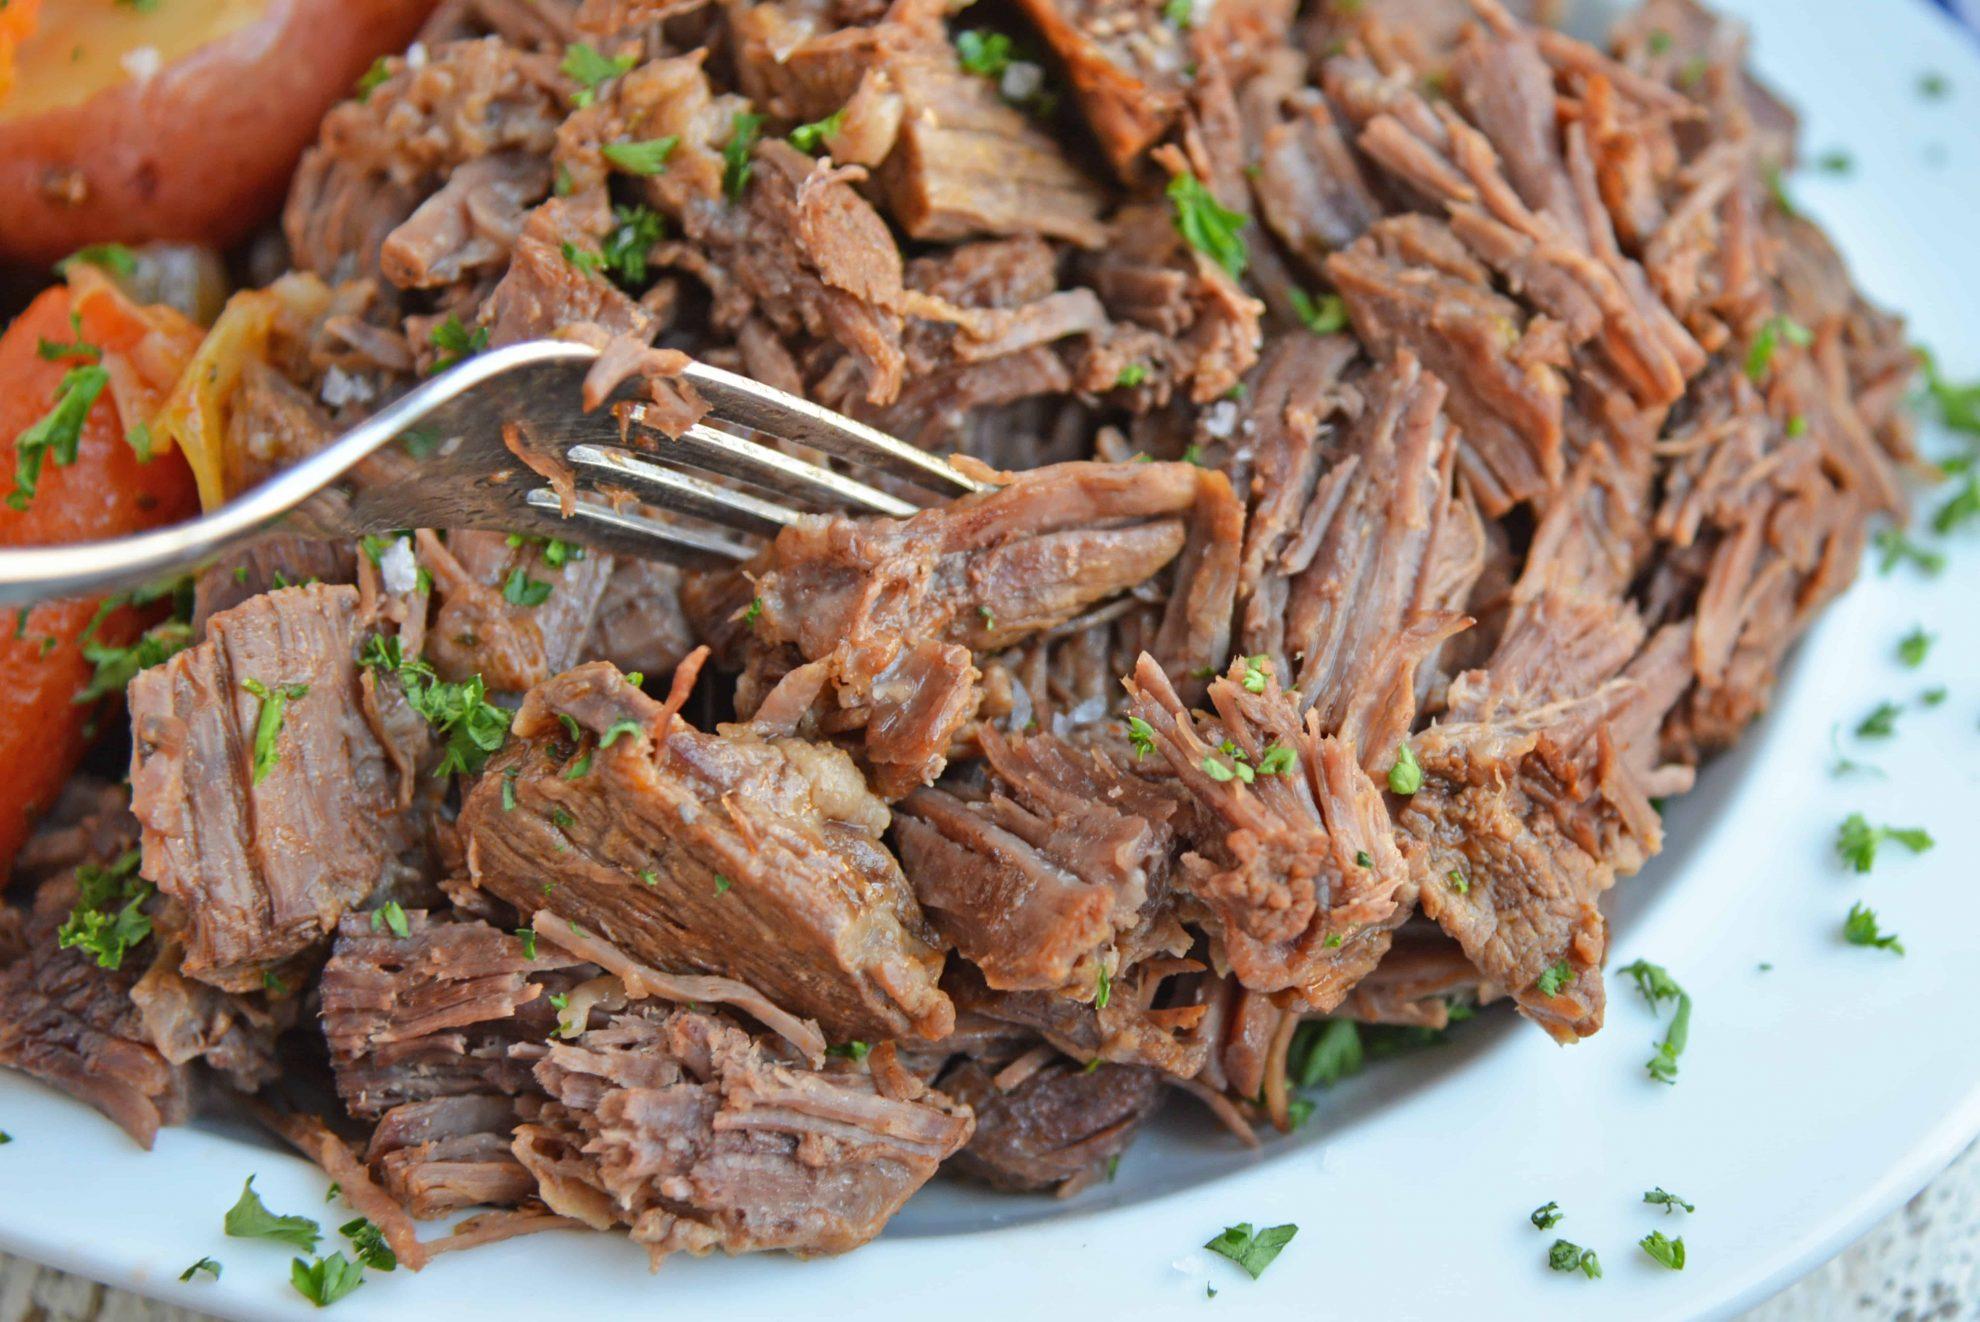 Fork shredding tender pot roast